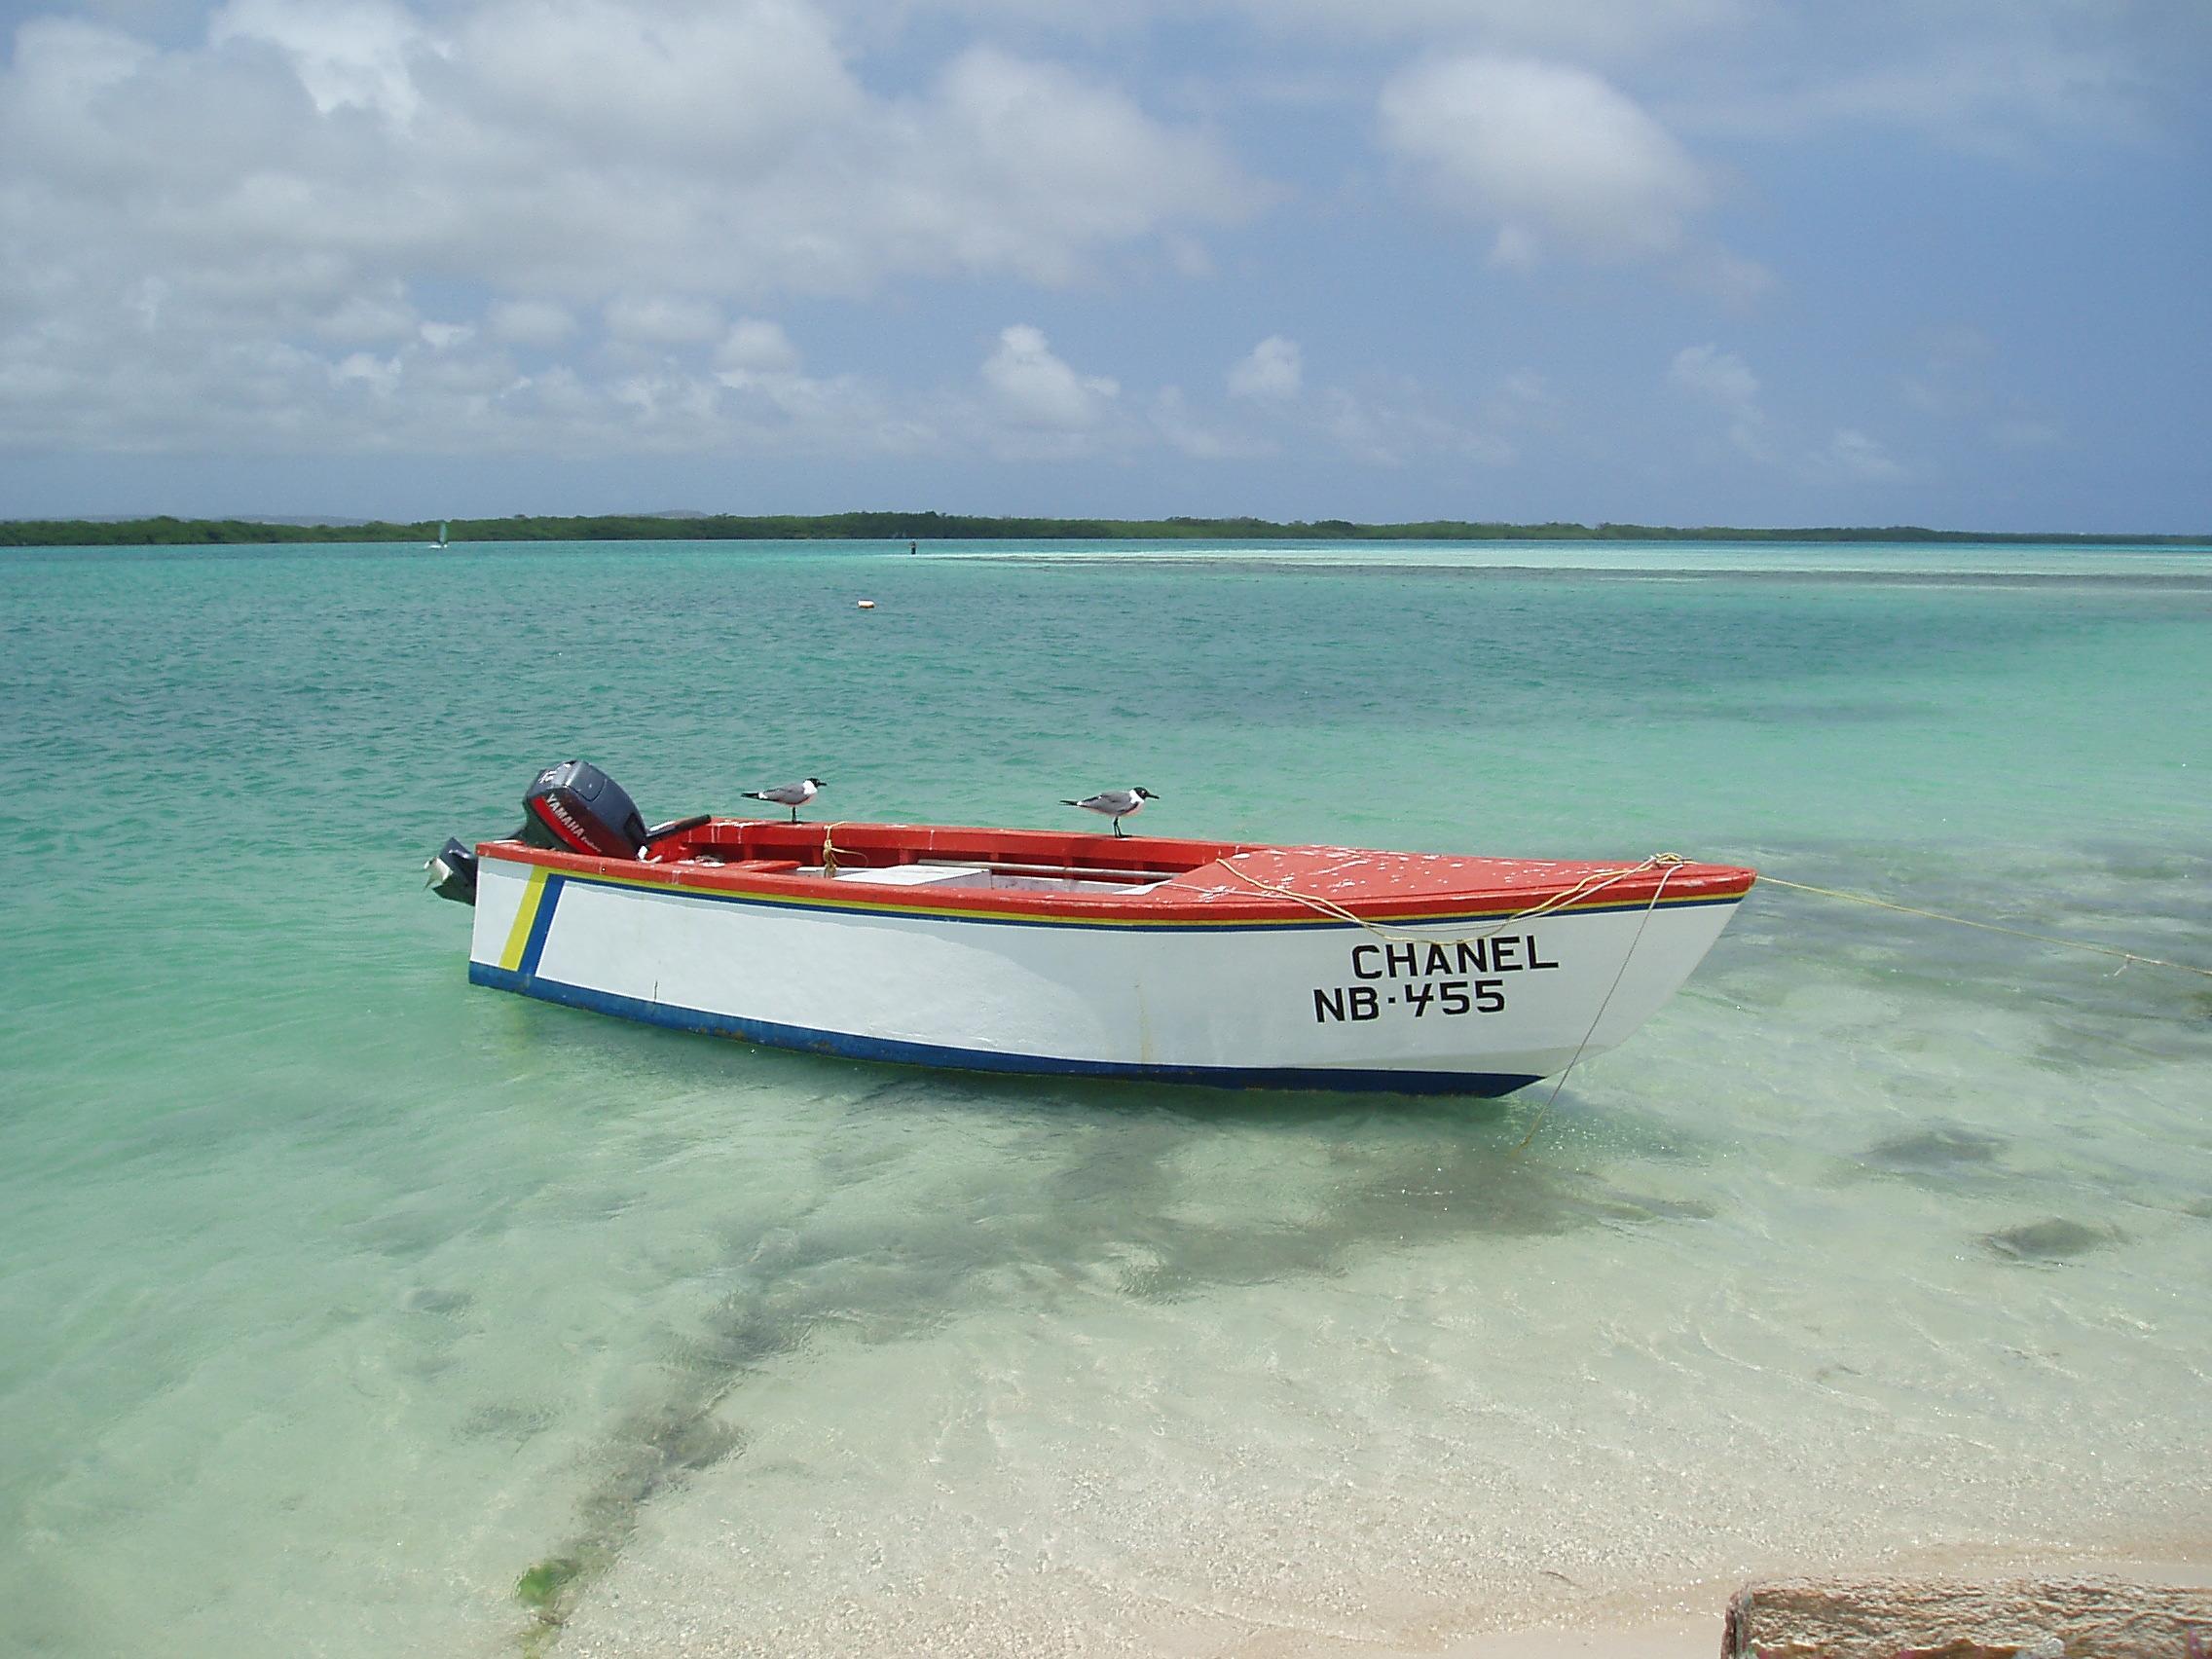 Activities bonaire bliss page 3 - The dive hut bonaire ...